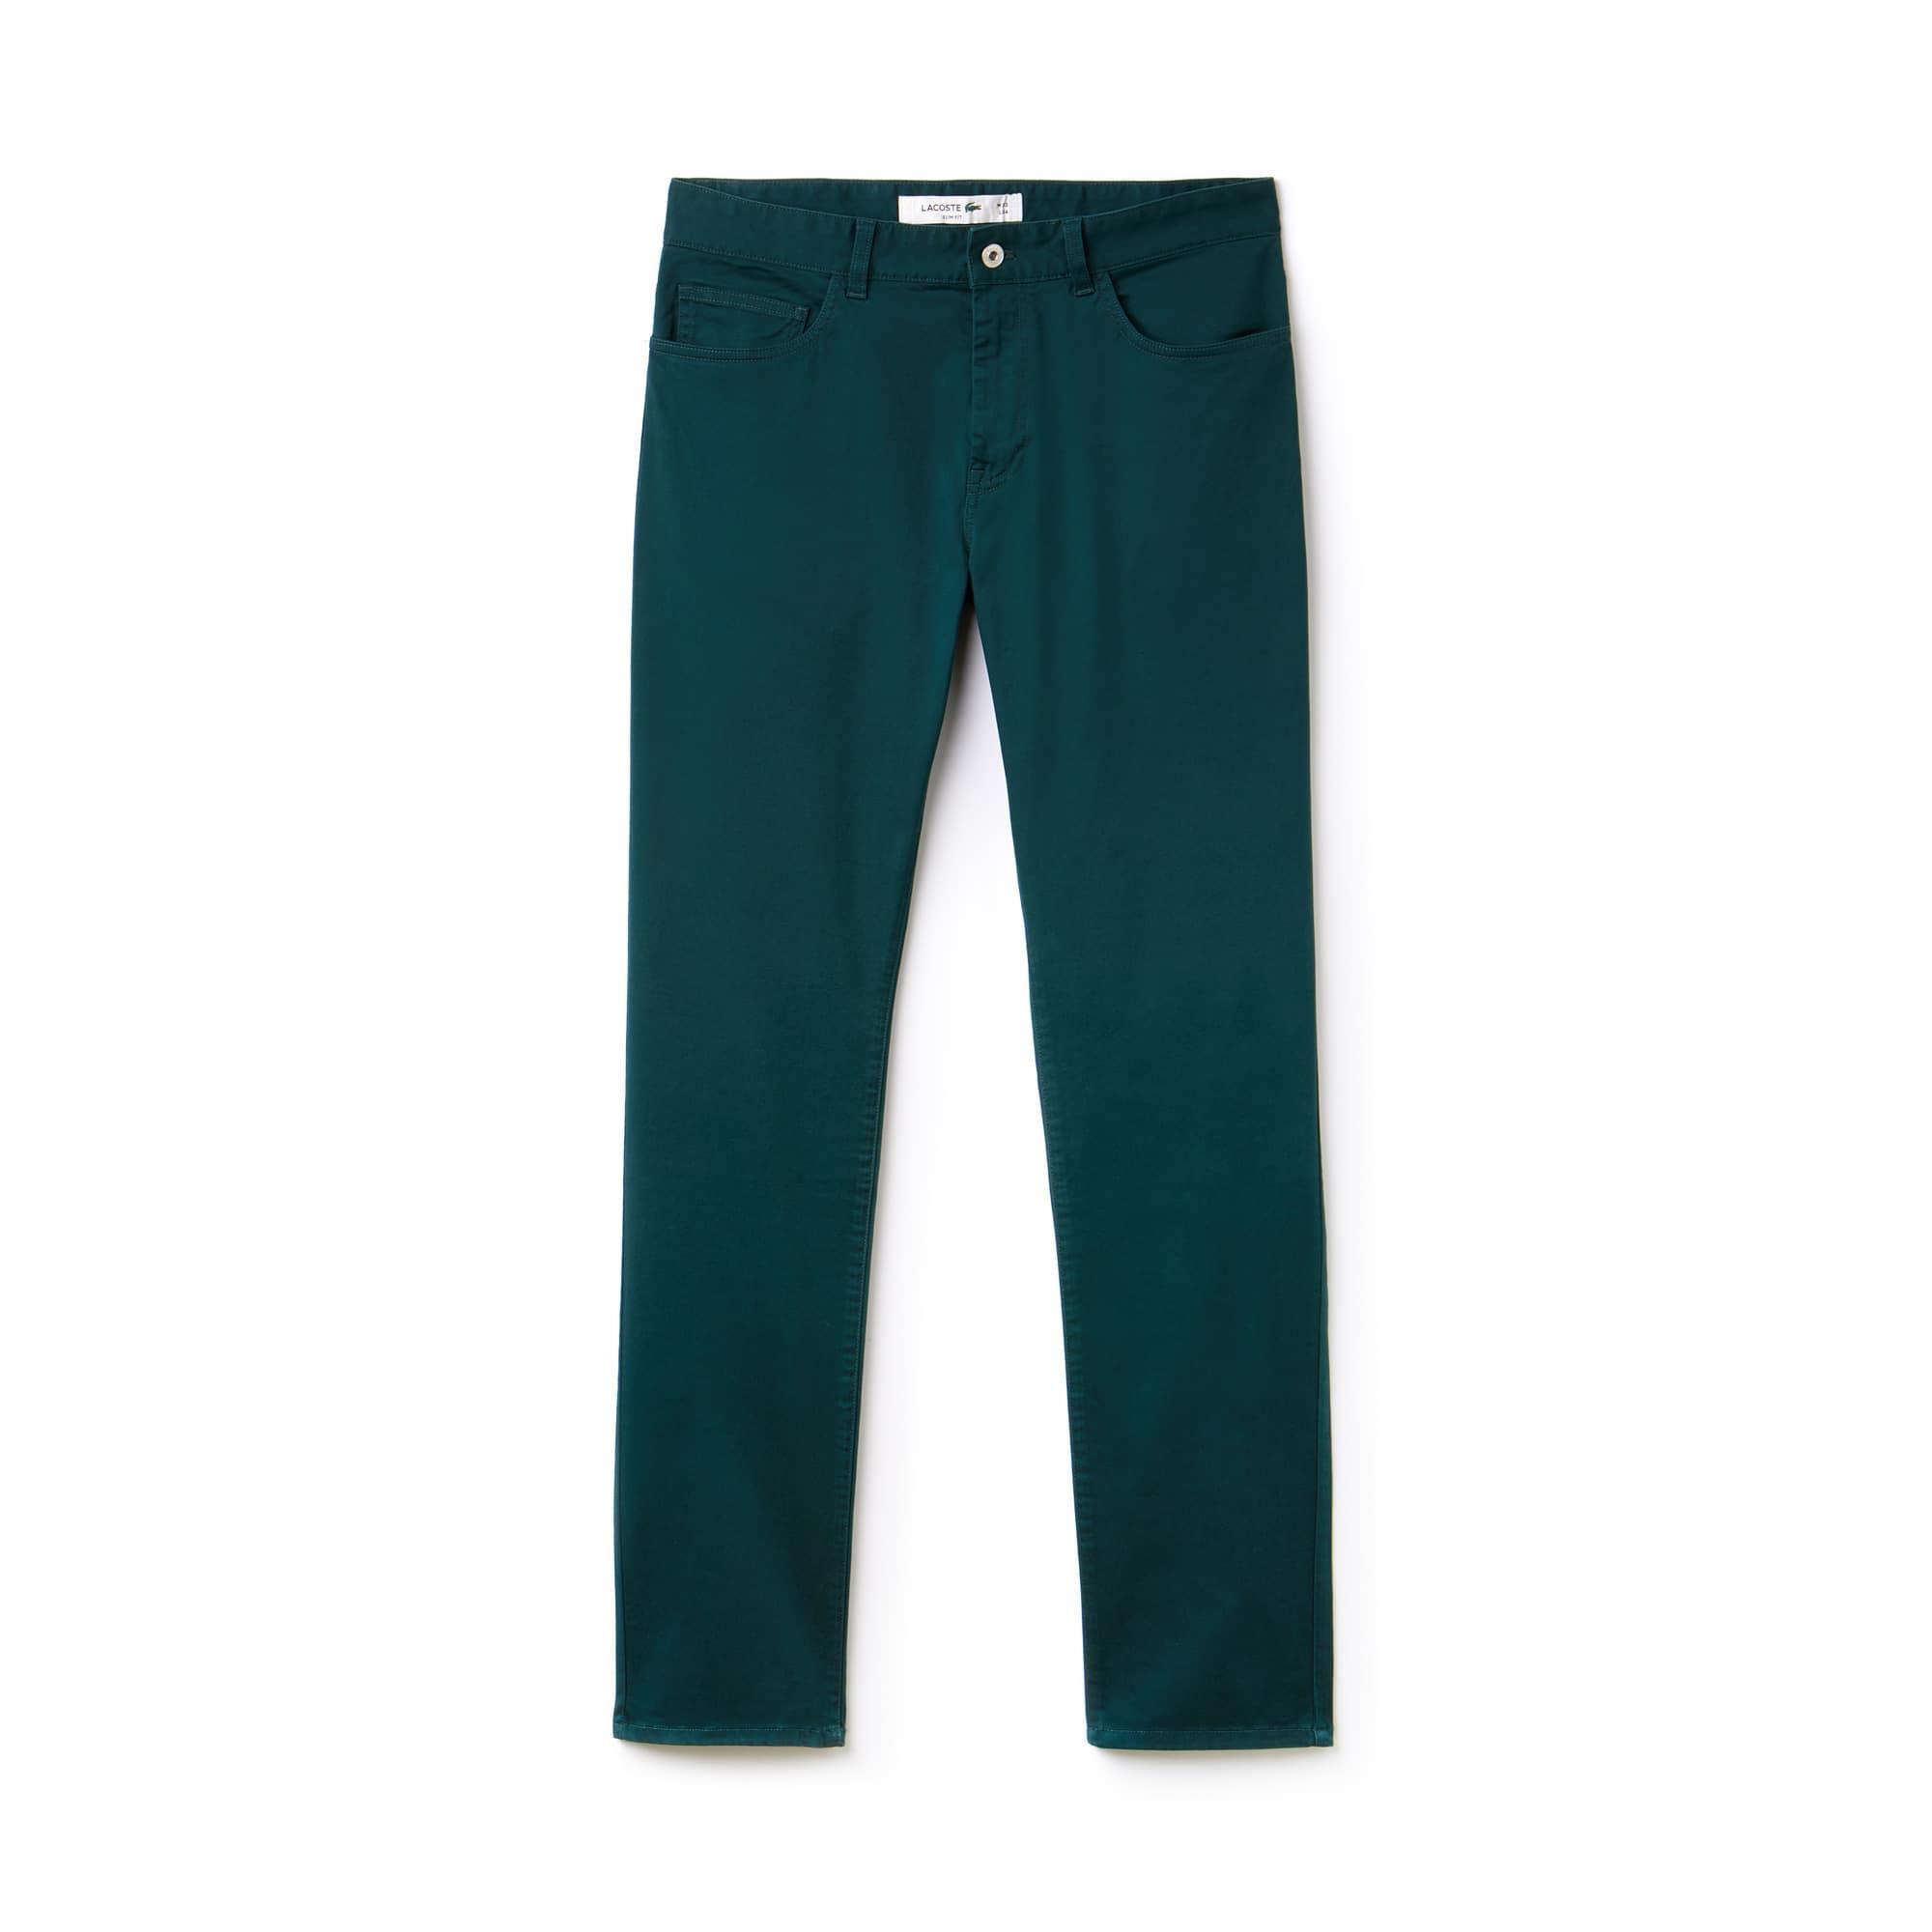 라코스테 Lacoste Mens Slim Fit Stretch Cotton Pants,green